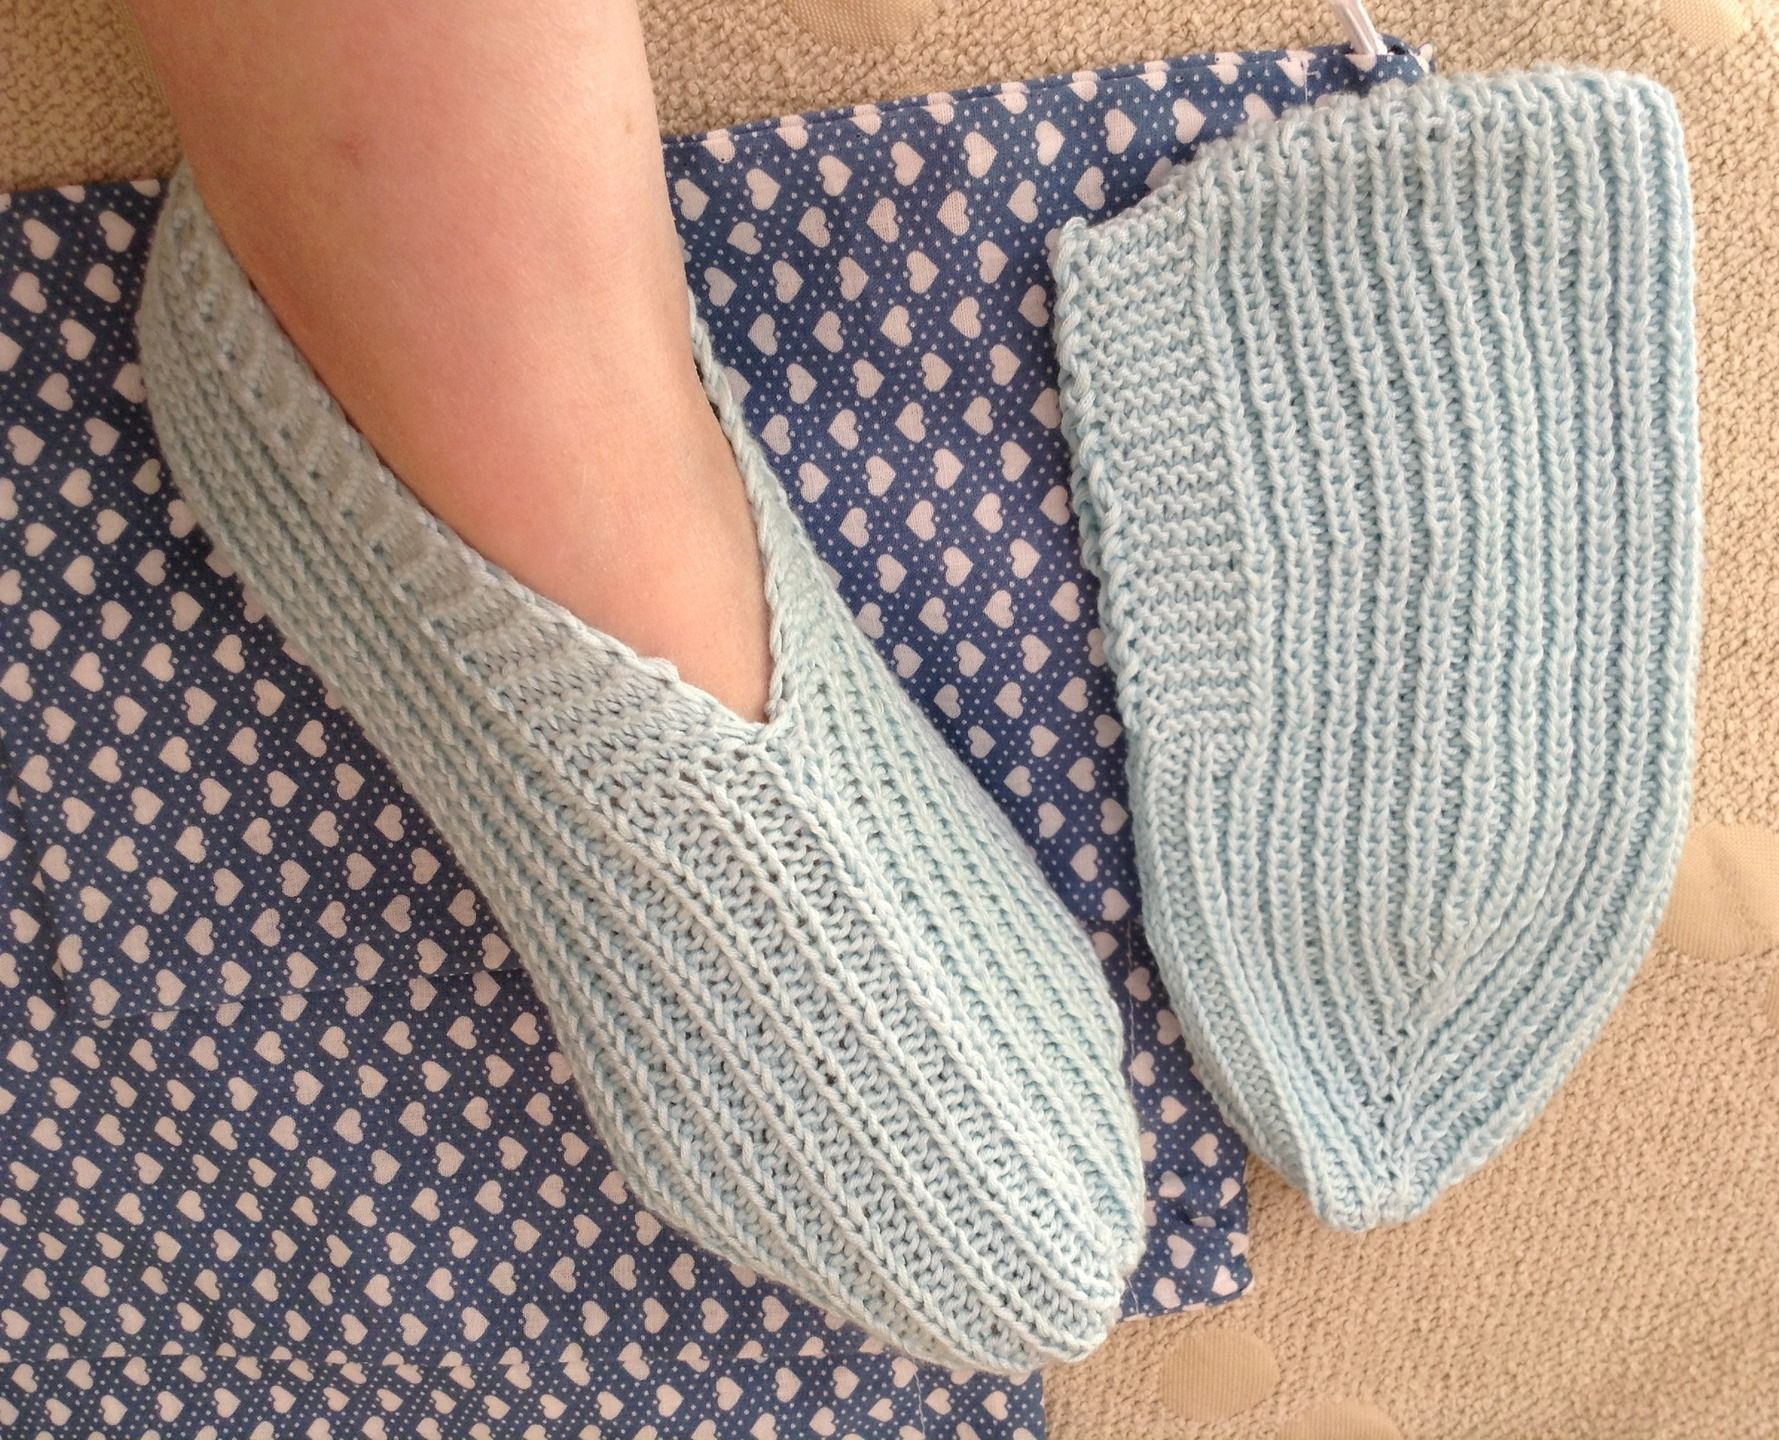 chaussons a tricoter pour femme